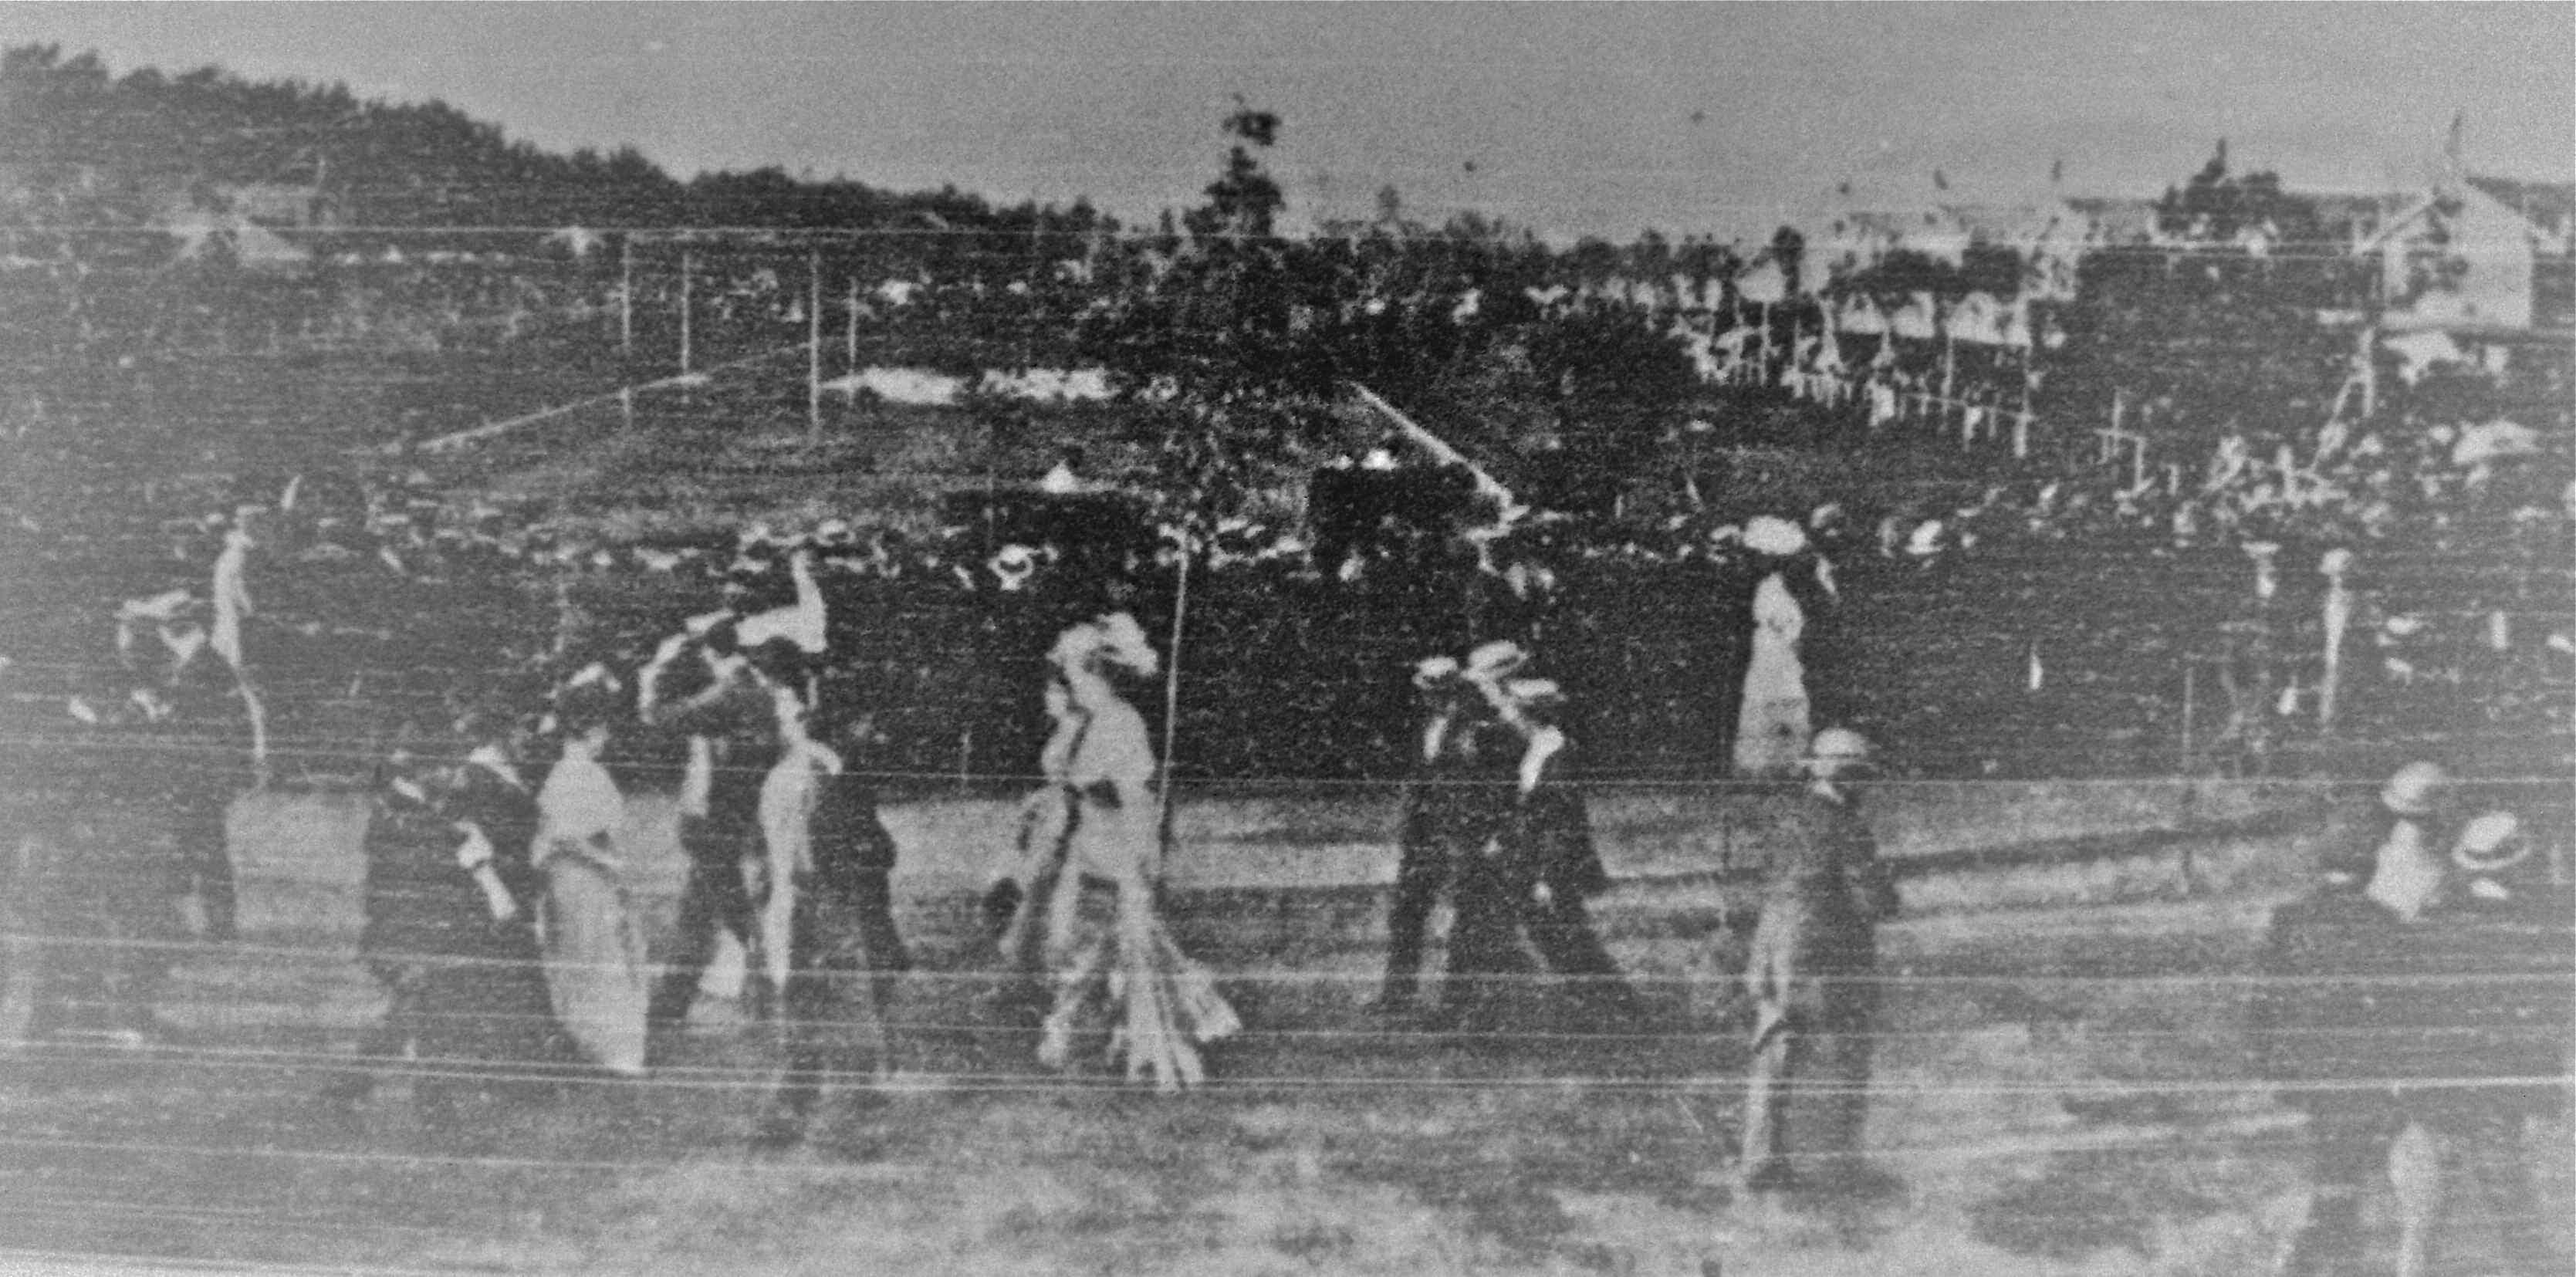 1907-11-17_ZigZagStgo; EsposicionAnimales (4foto001)_16032013.jpg